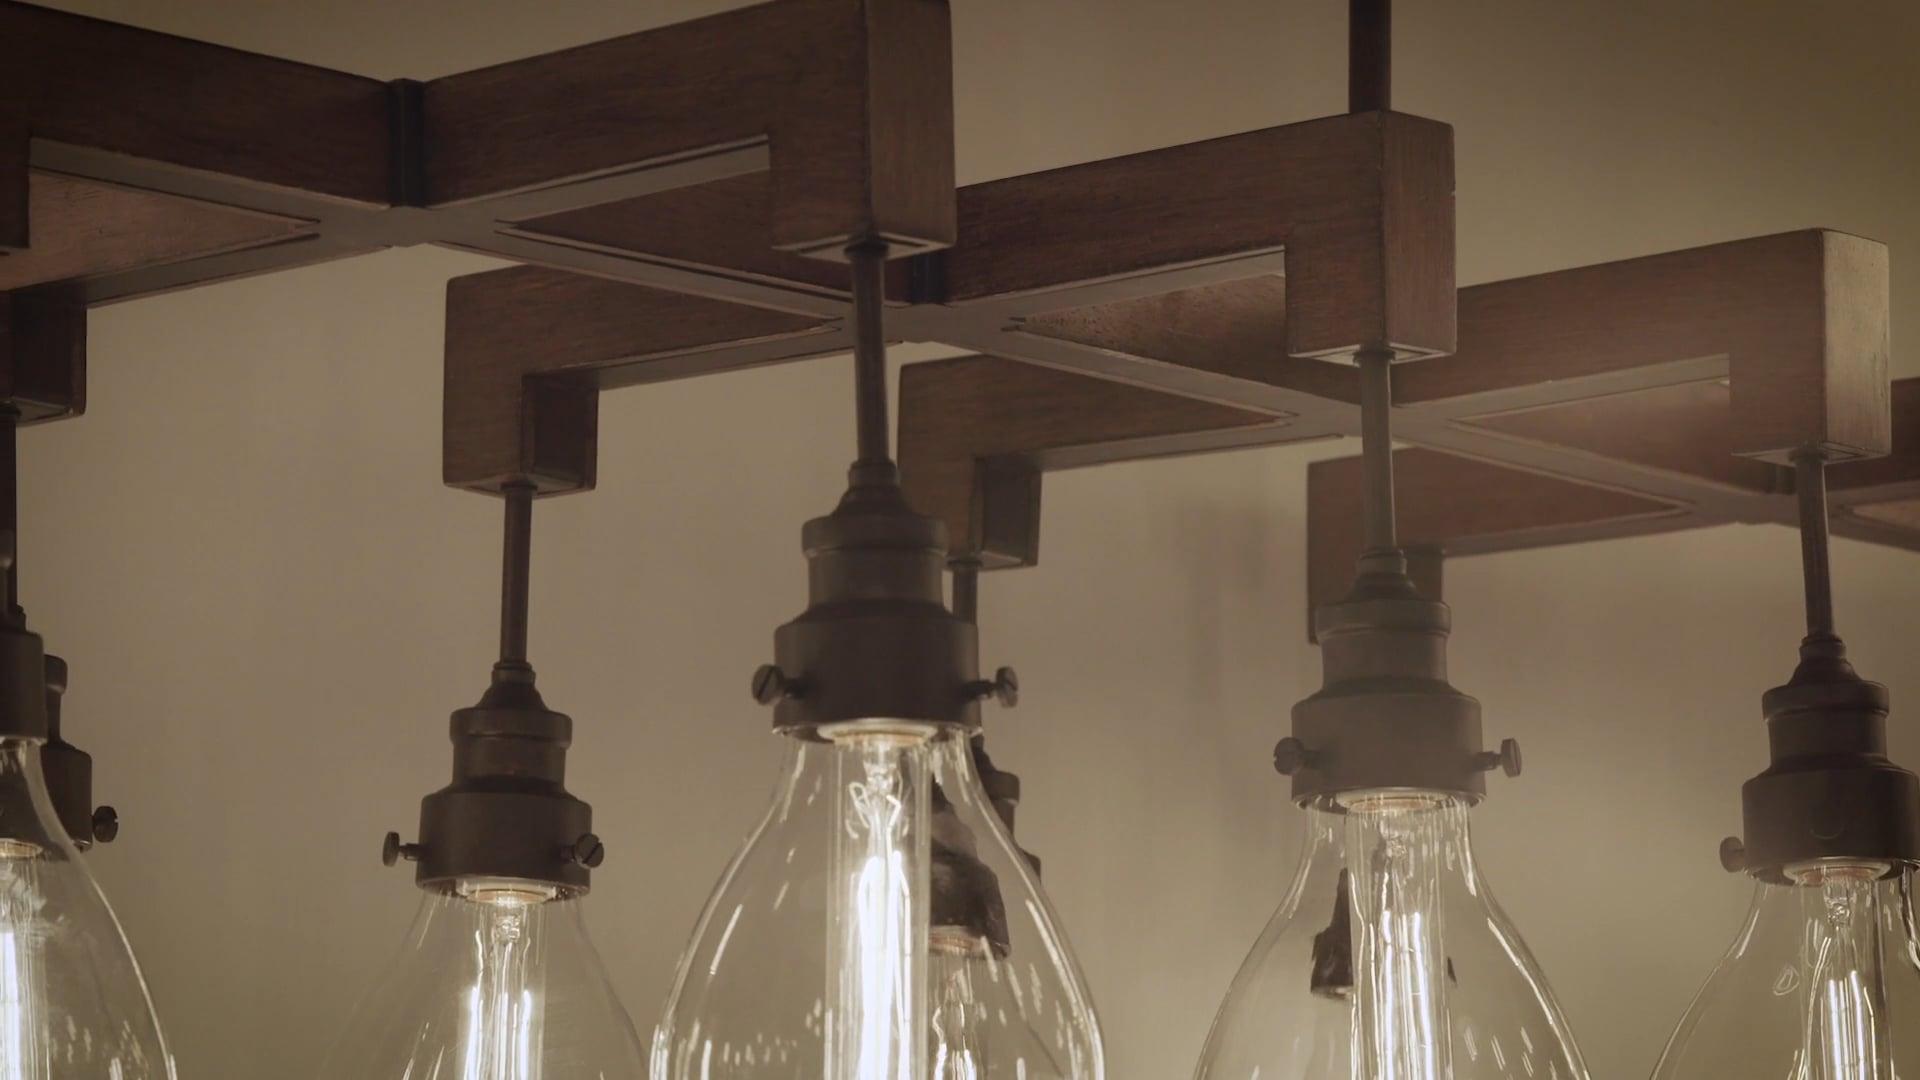 Hinkley Lighting Dallas Showroom